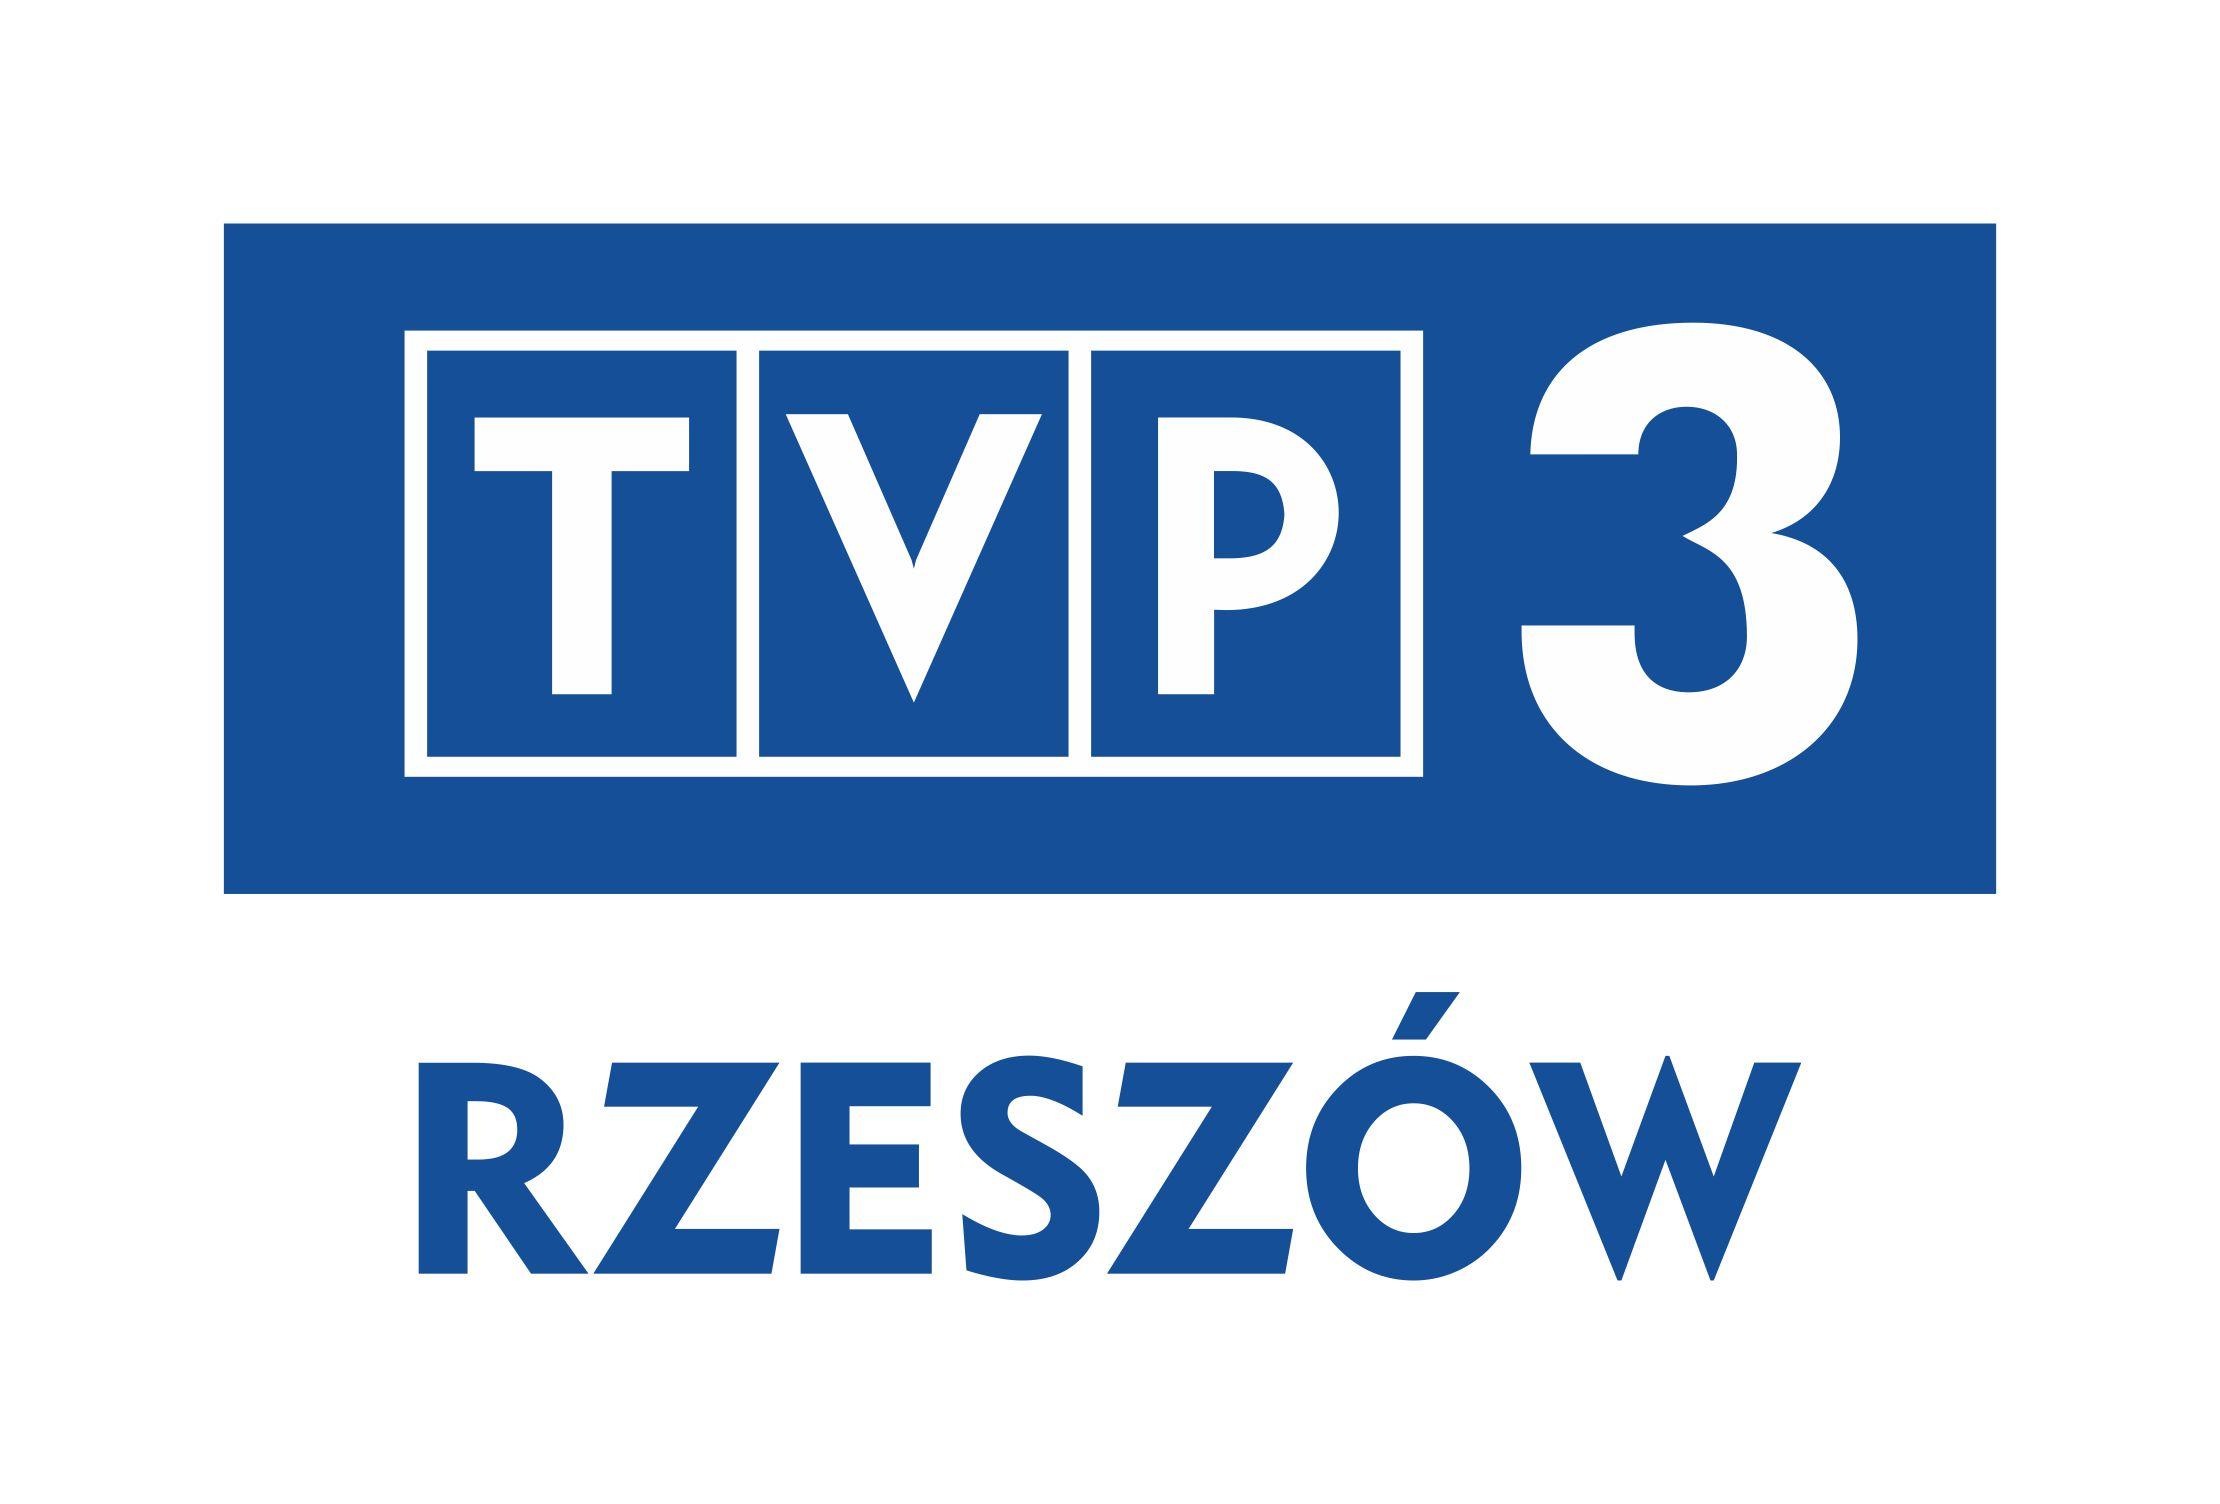 42 TVP3 Rzeszów LOGO NIEBIESKIE-799